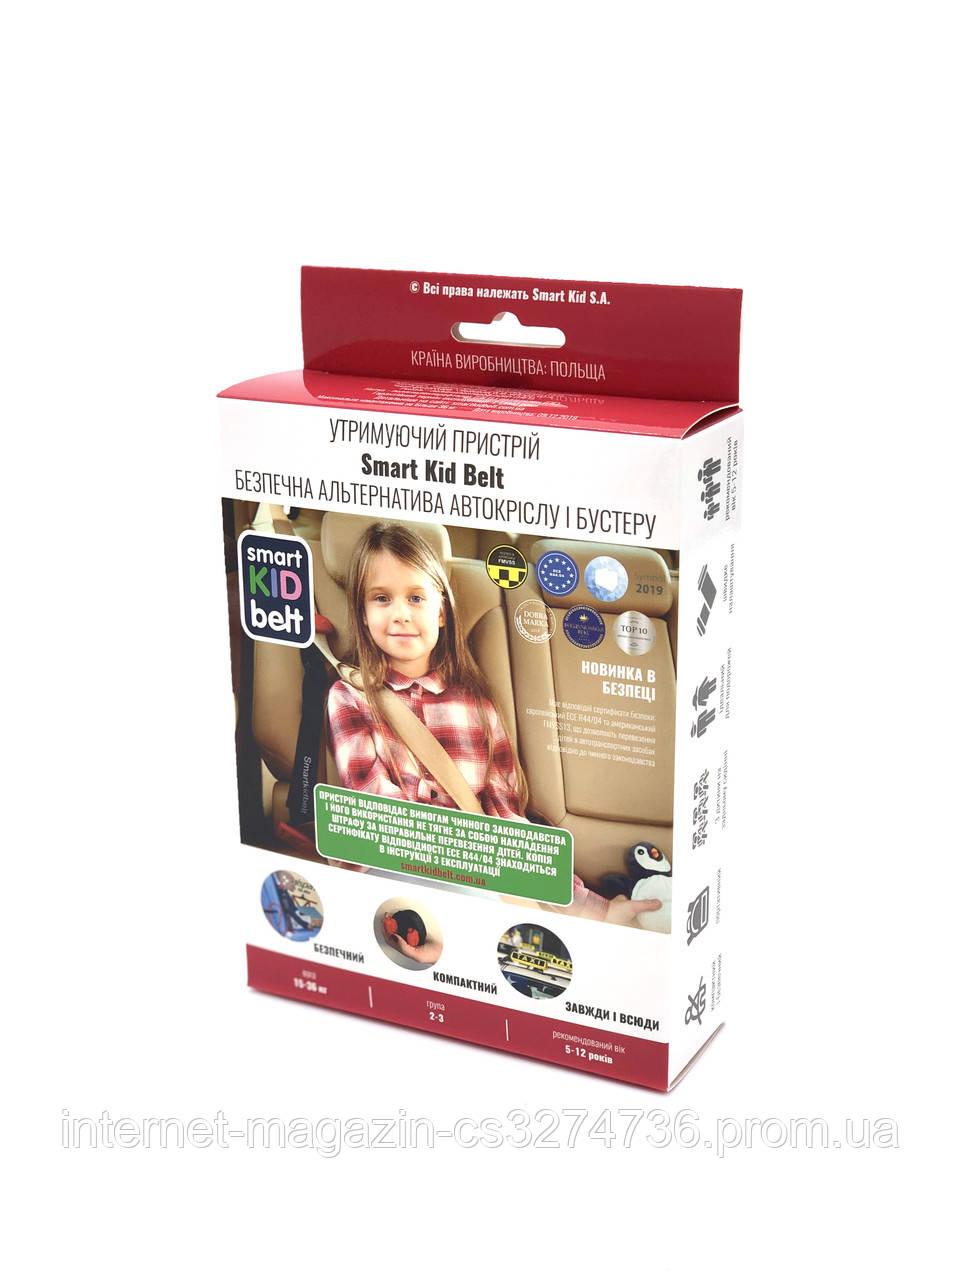 Дитячий ремінь безпеки (заміна автокріслу і бустерові)SMART KID BELT SMART KID BELT